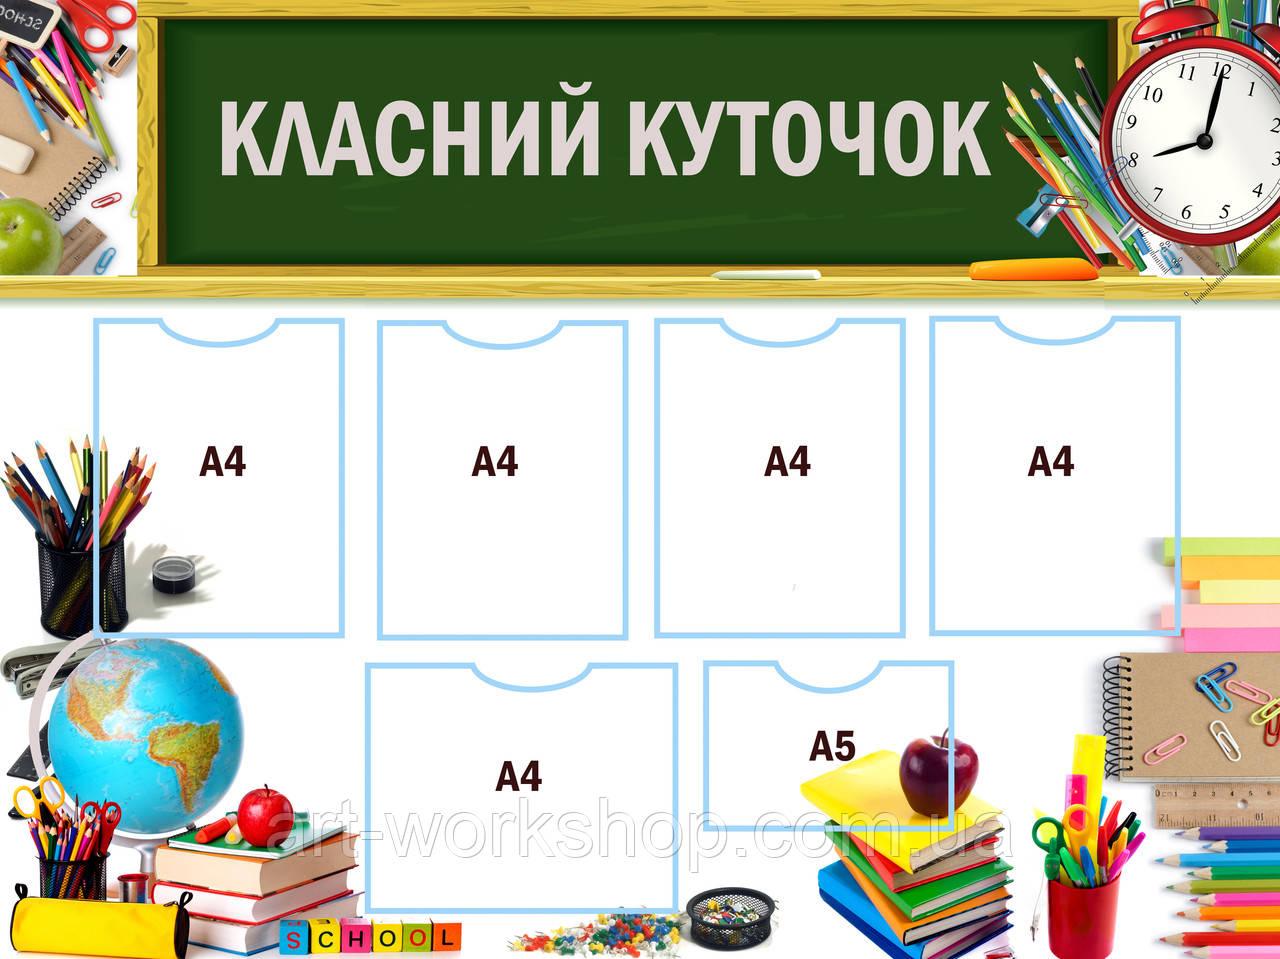 """Стенд школьный """"Класний куточок"""" - Аrt Workshop в Одессе"""